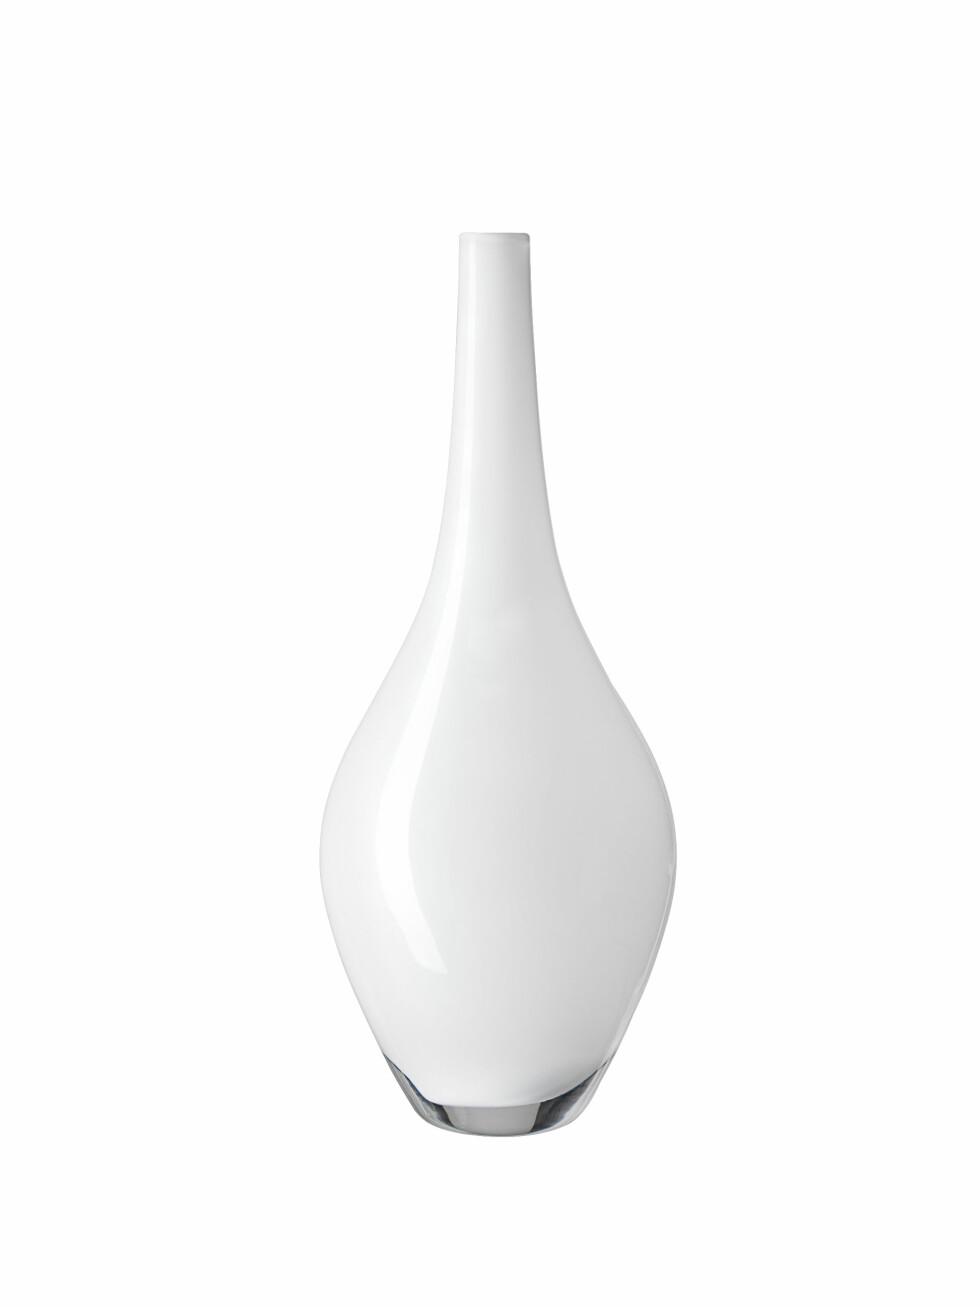 Vasen «Salong» i hvitt glass (kr 79, Ikea). Foto: Produsenten